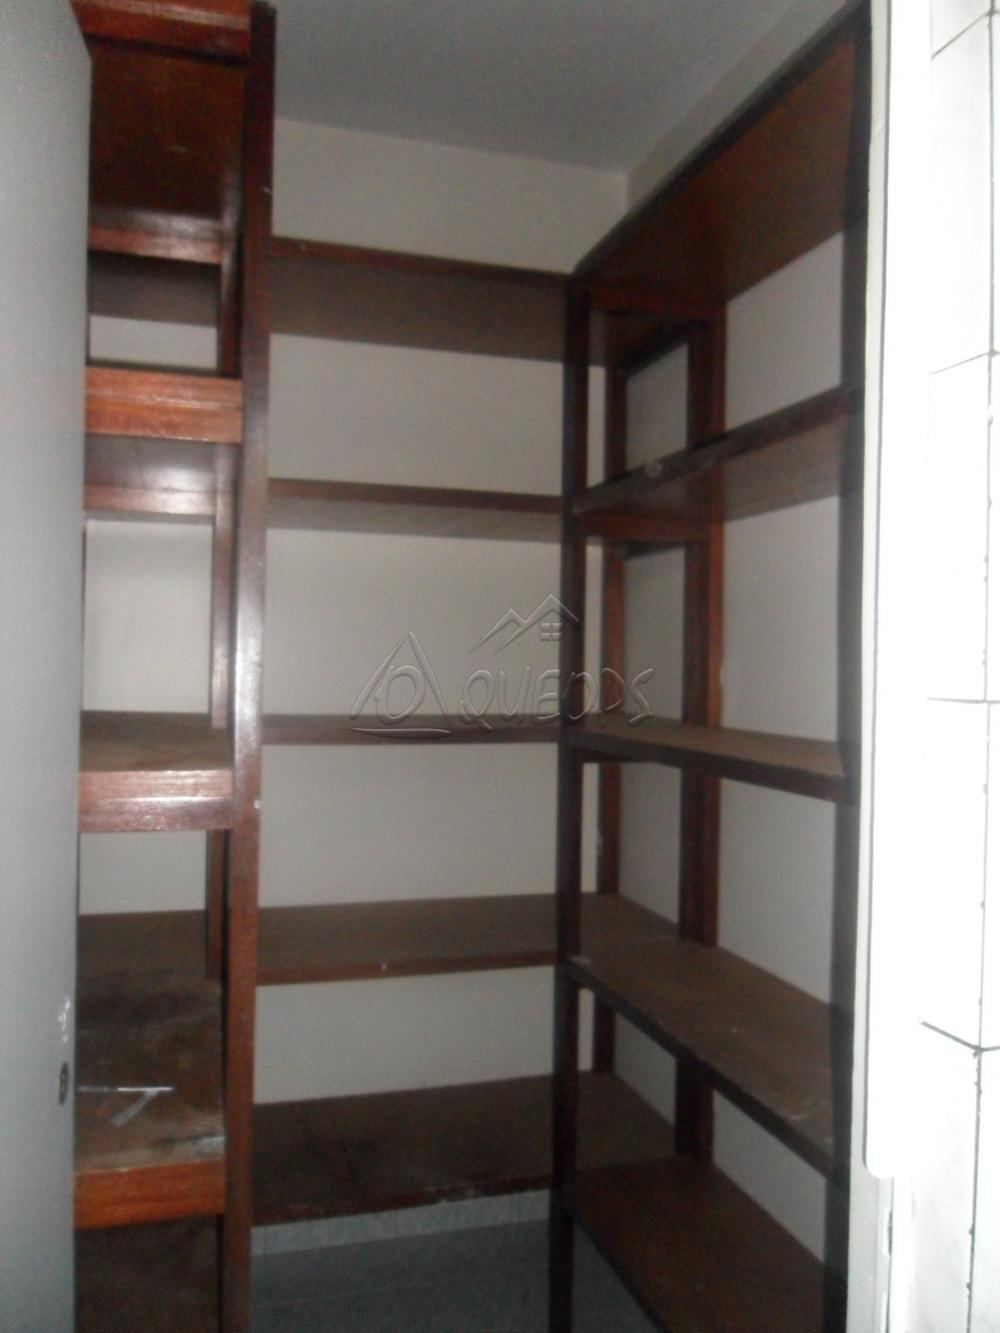 Comprar Apartamento / Padrão em Barretos apenas R$ 680.000,00 - Foto 22